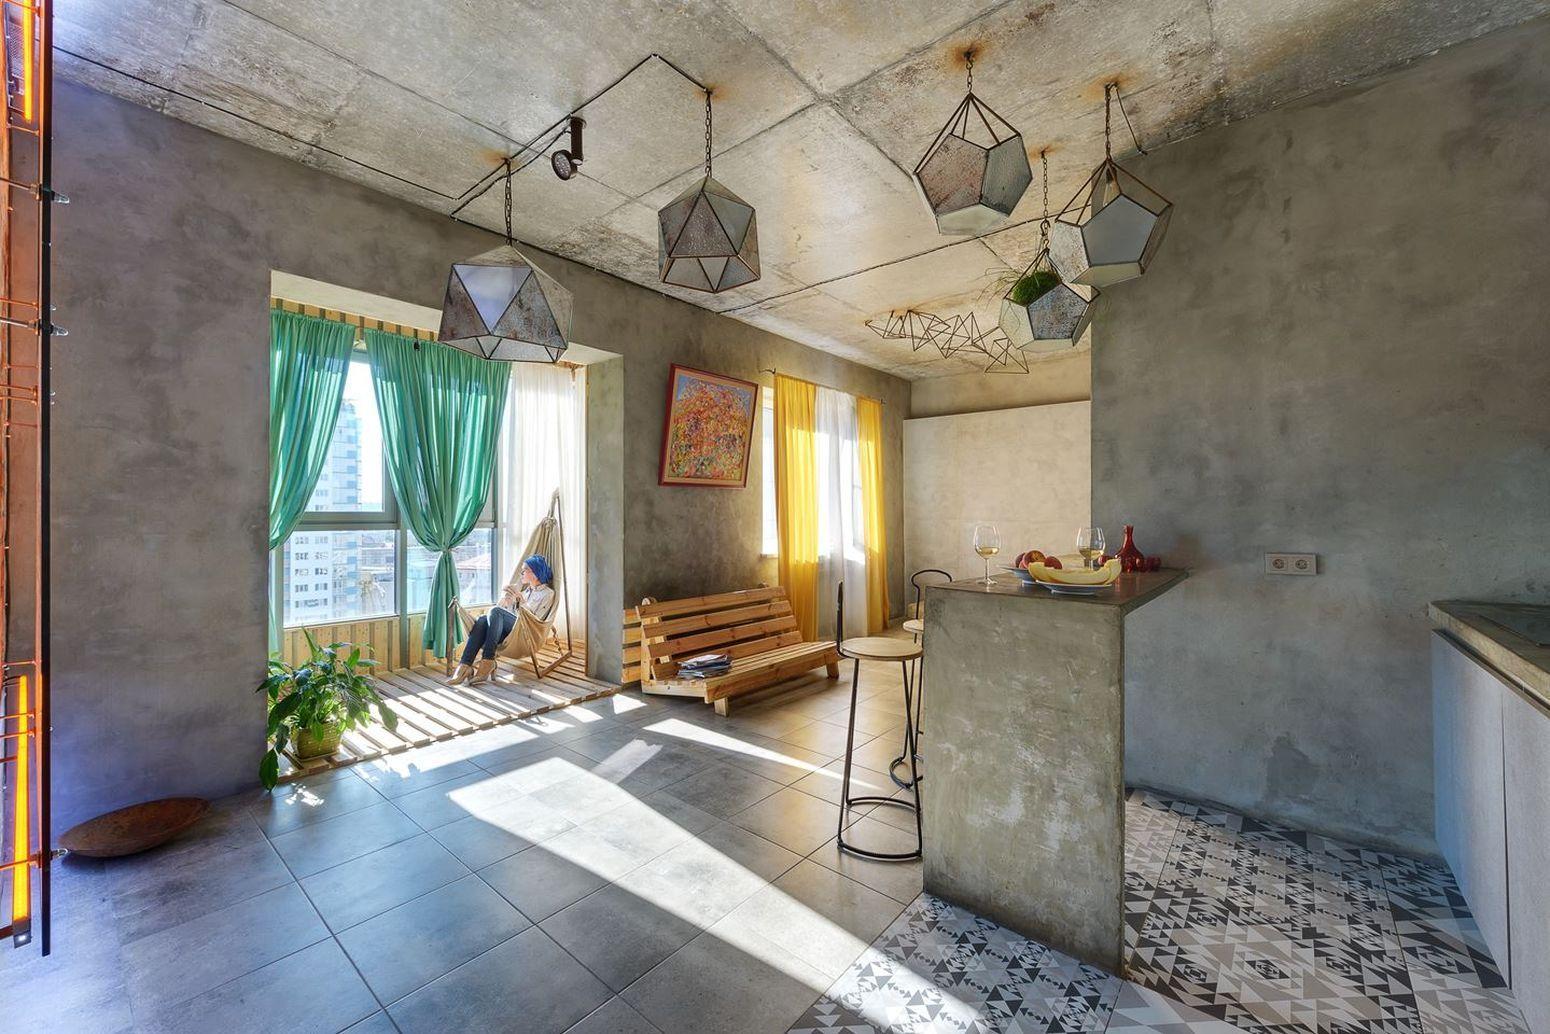 Лофт в Киеве с символикой солнечного культа